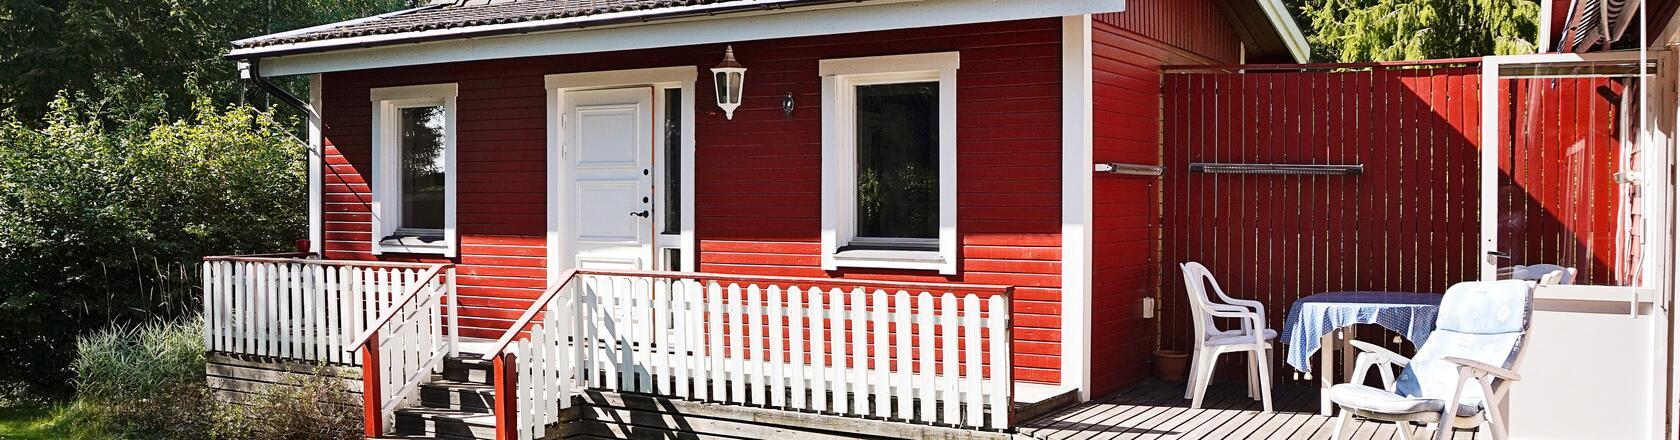 enk ping in schweden mieten sie ein ferienhaus bei dancenter. Black Bedroom Furniture Sets. Home Design Ideas